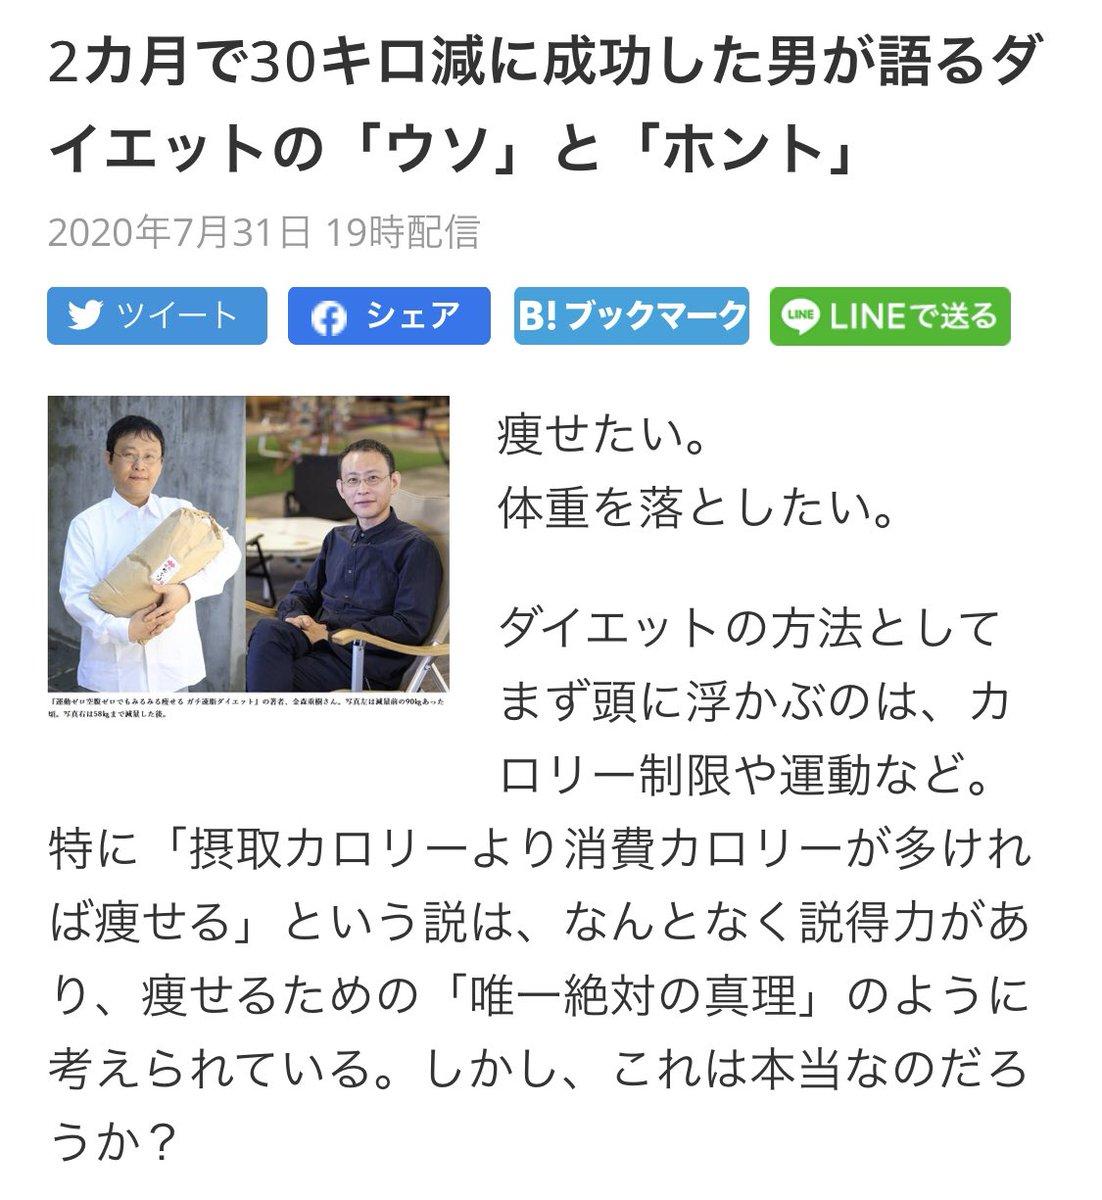 【メディア掲載】「新刊JP」にて金森さんのインタビューが掲載されています💡金森さん自身のダイエットを始めた経緯から、カロリー神話の「ウソ」まで🍖▶︎2カ月で30キロ減に成功した男が語るダイエットの「ウソ」と「ホント」#金森式